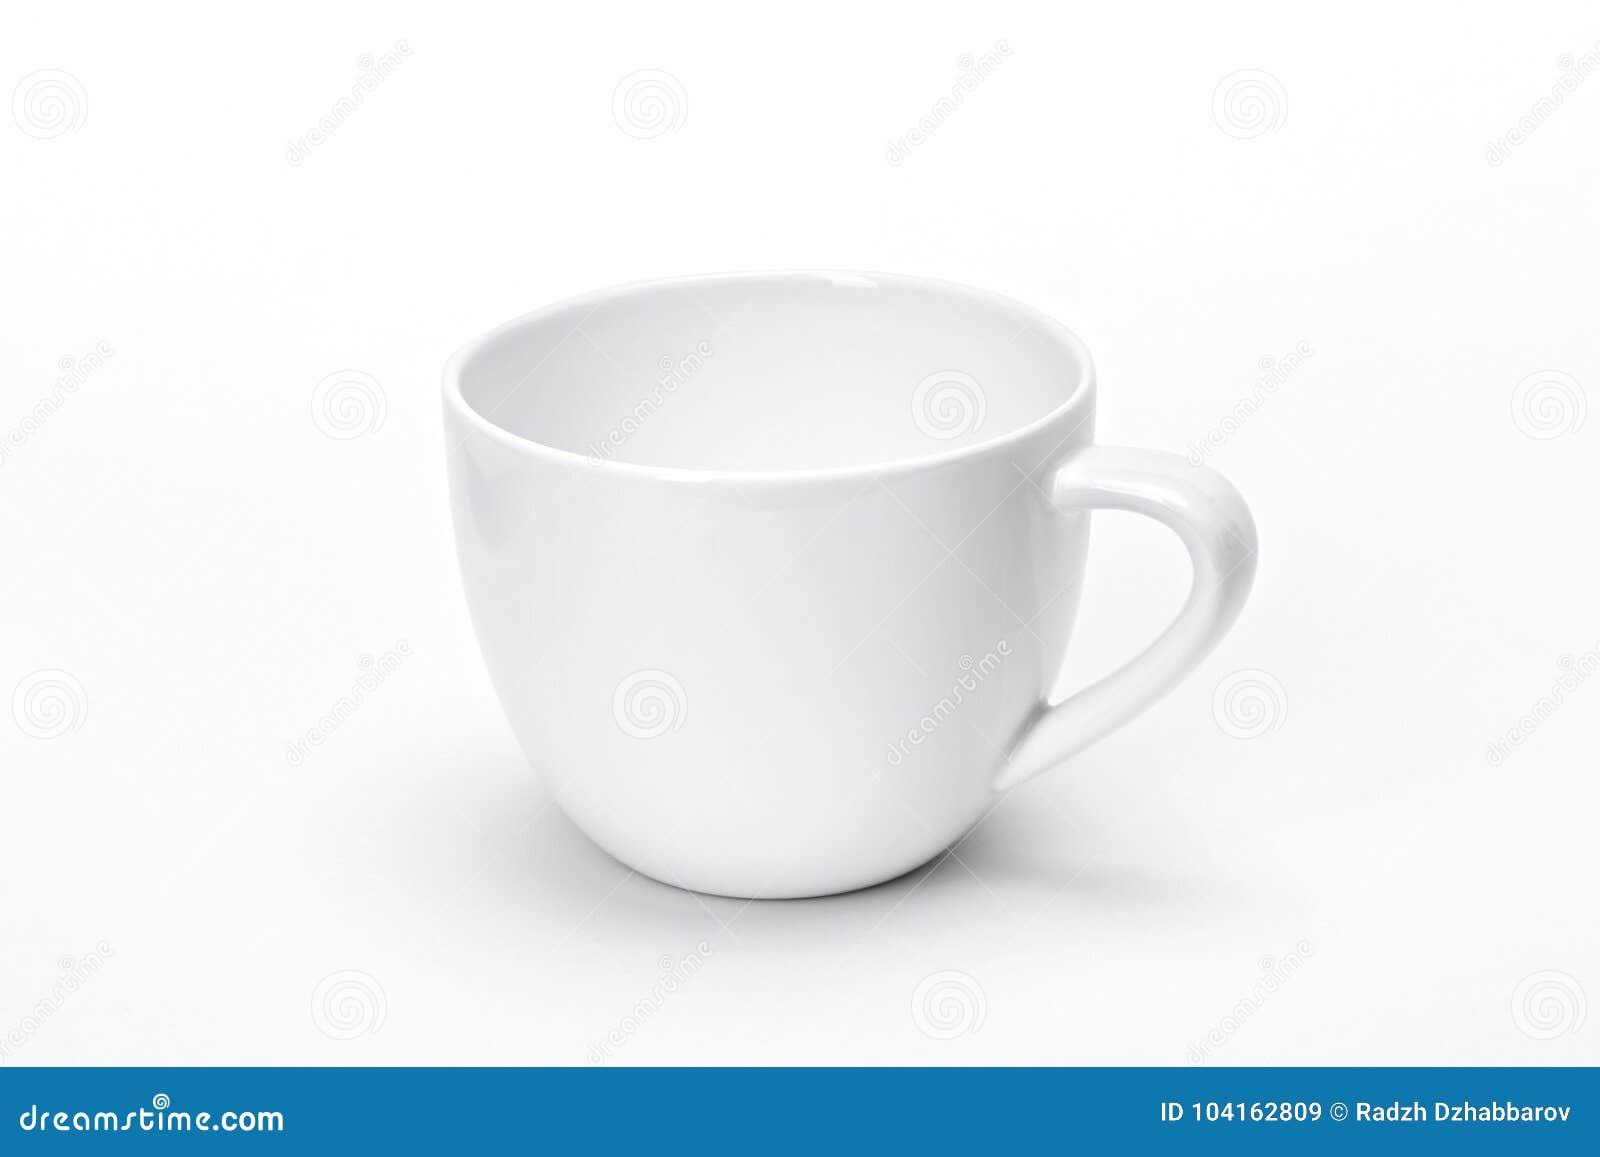 Utensílios de mesa vazios para seu projeto, fundo cerâmico branco da porcelana do molde do branco da caneca do chá